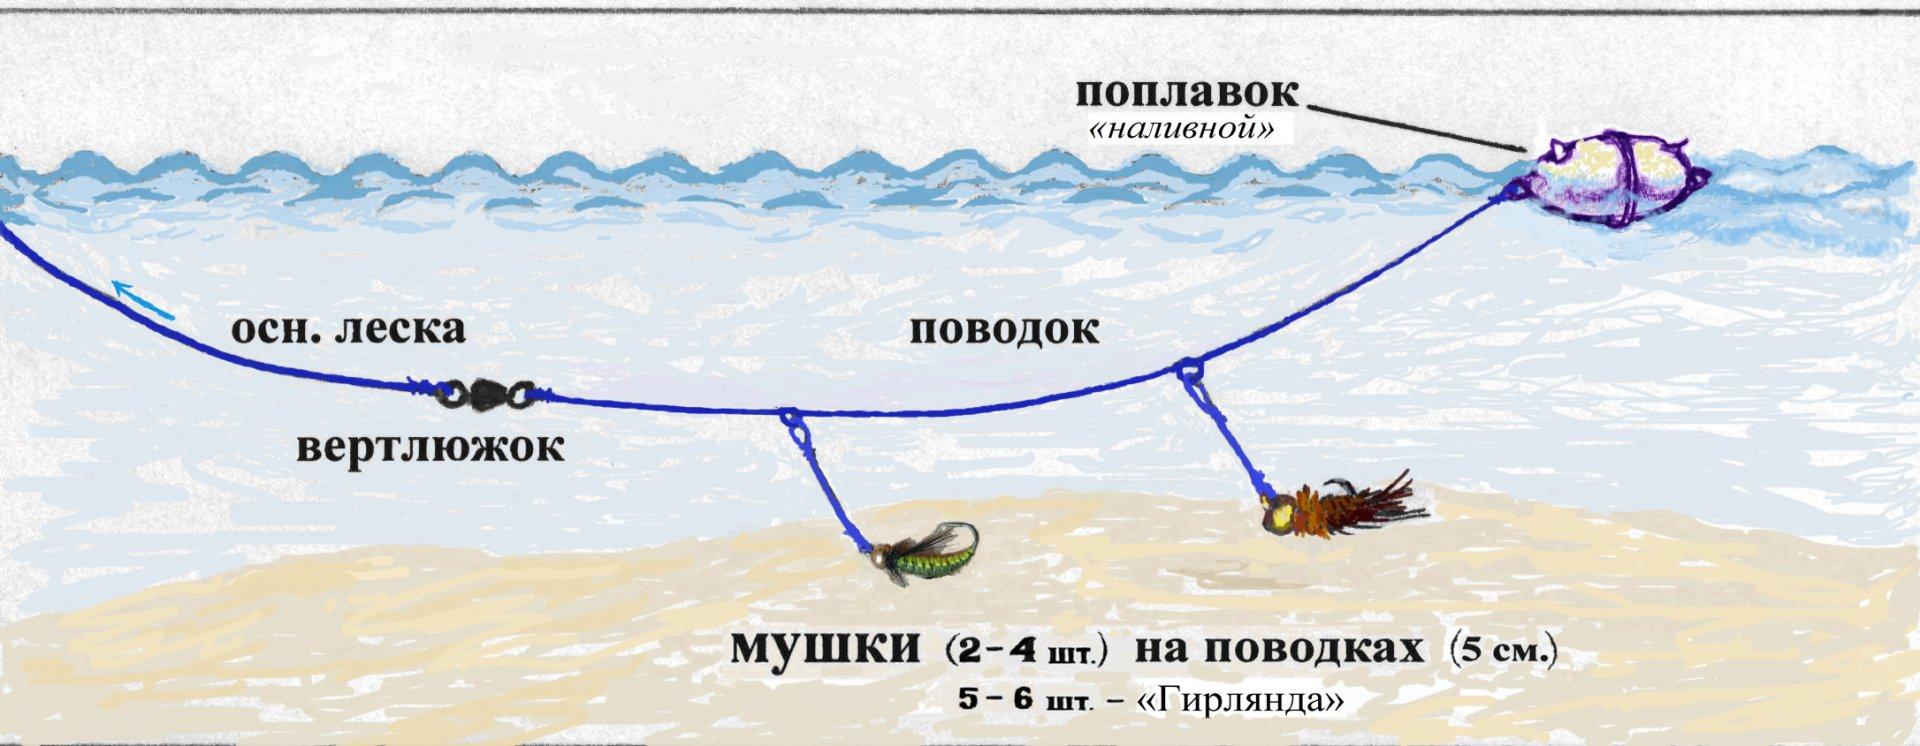 виды поплавков сбирулино